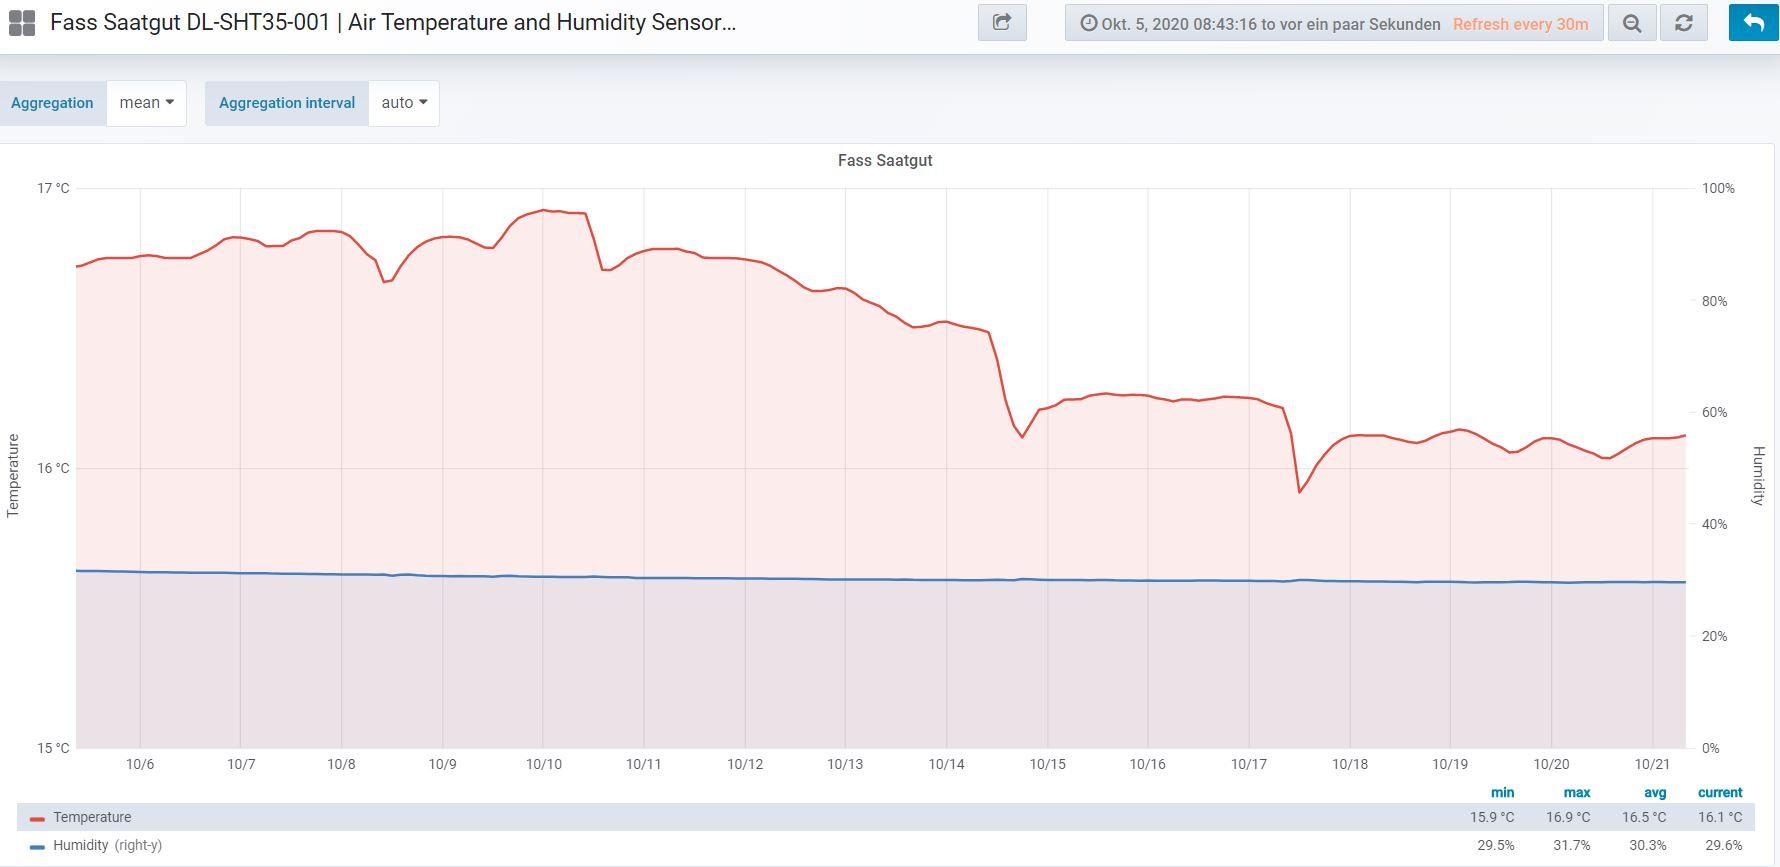 DL-SHT35-001 Sensor System Decentlab results 2 week overview